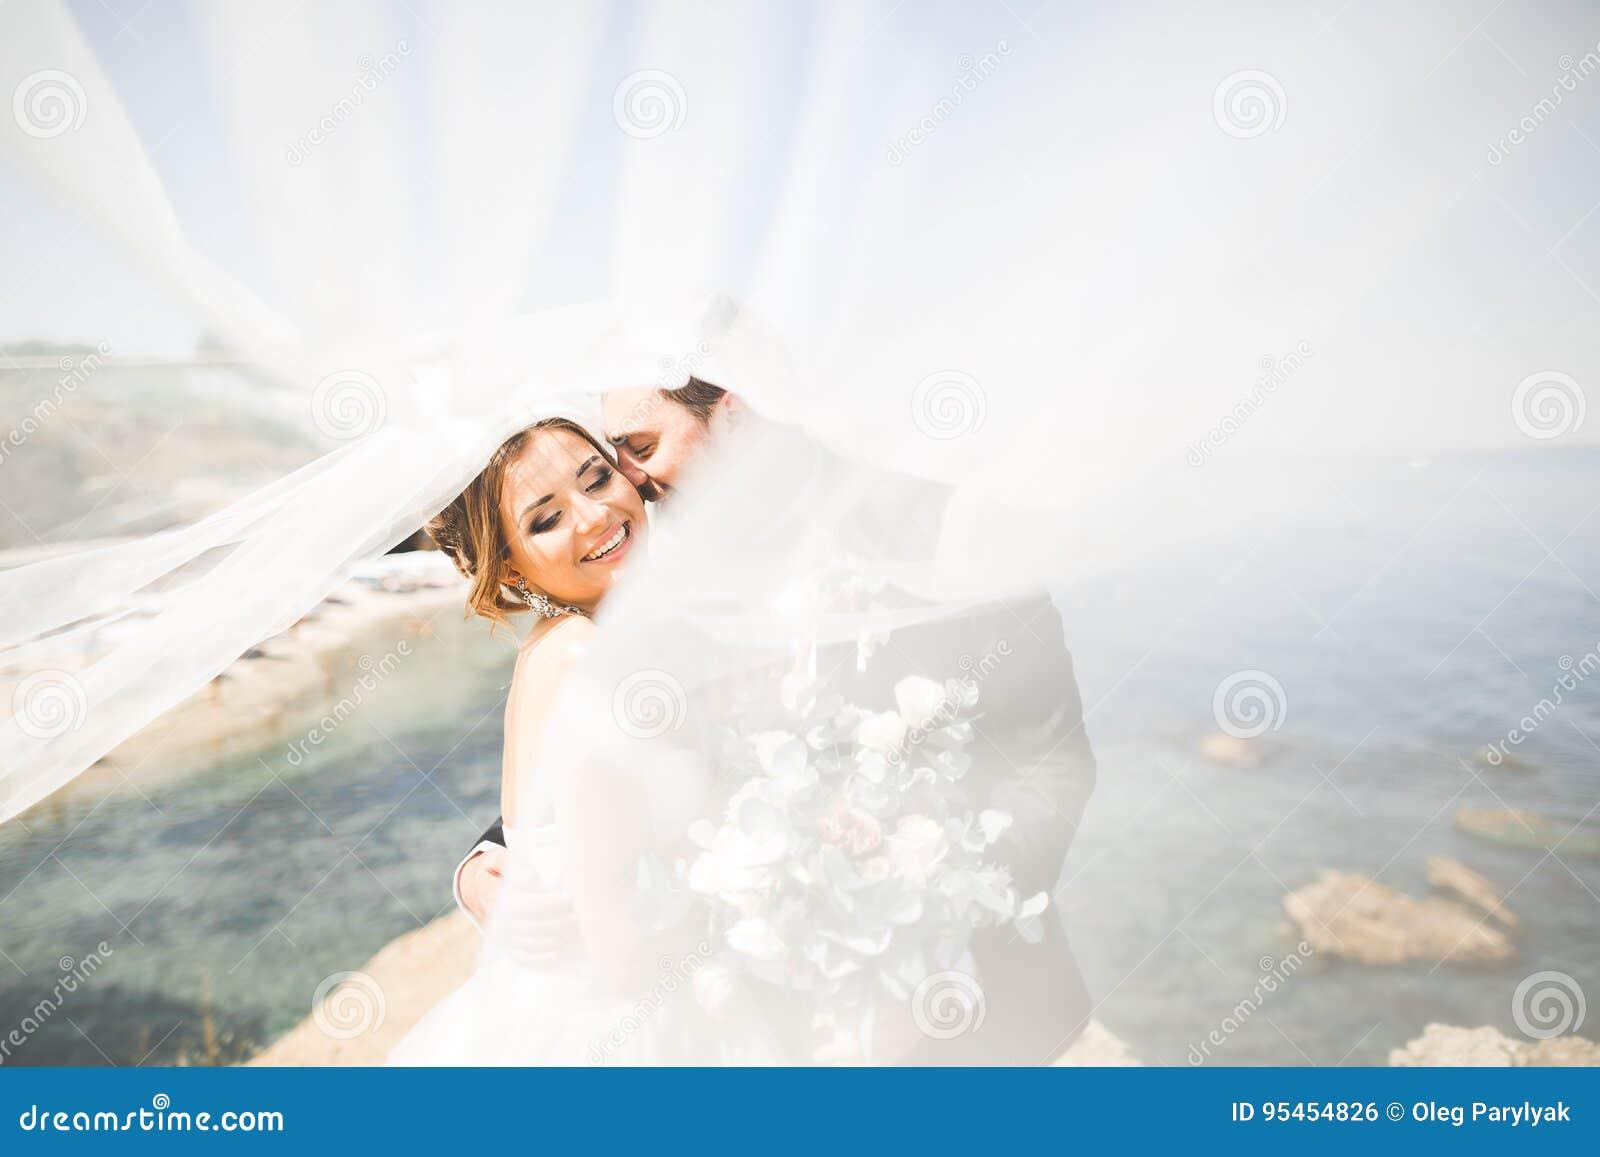 Счастливая и романтичная сцена как раз пожененных молодых пар свадьбы представляя на красивом пляже